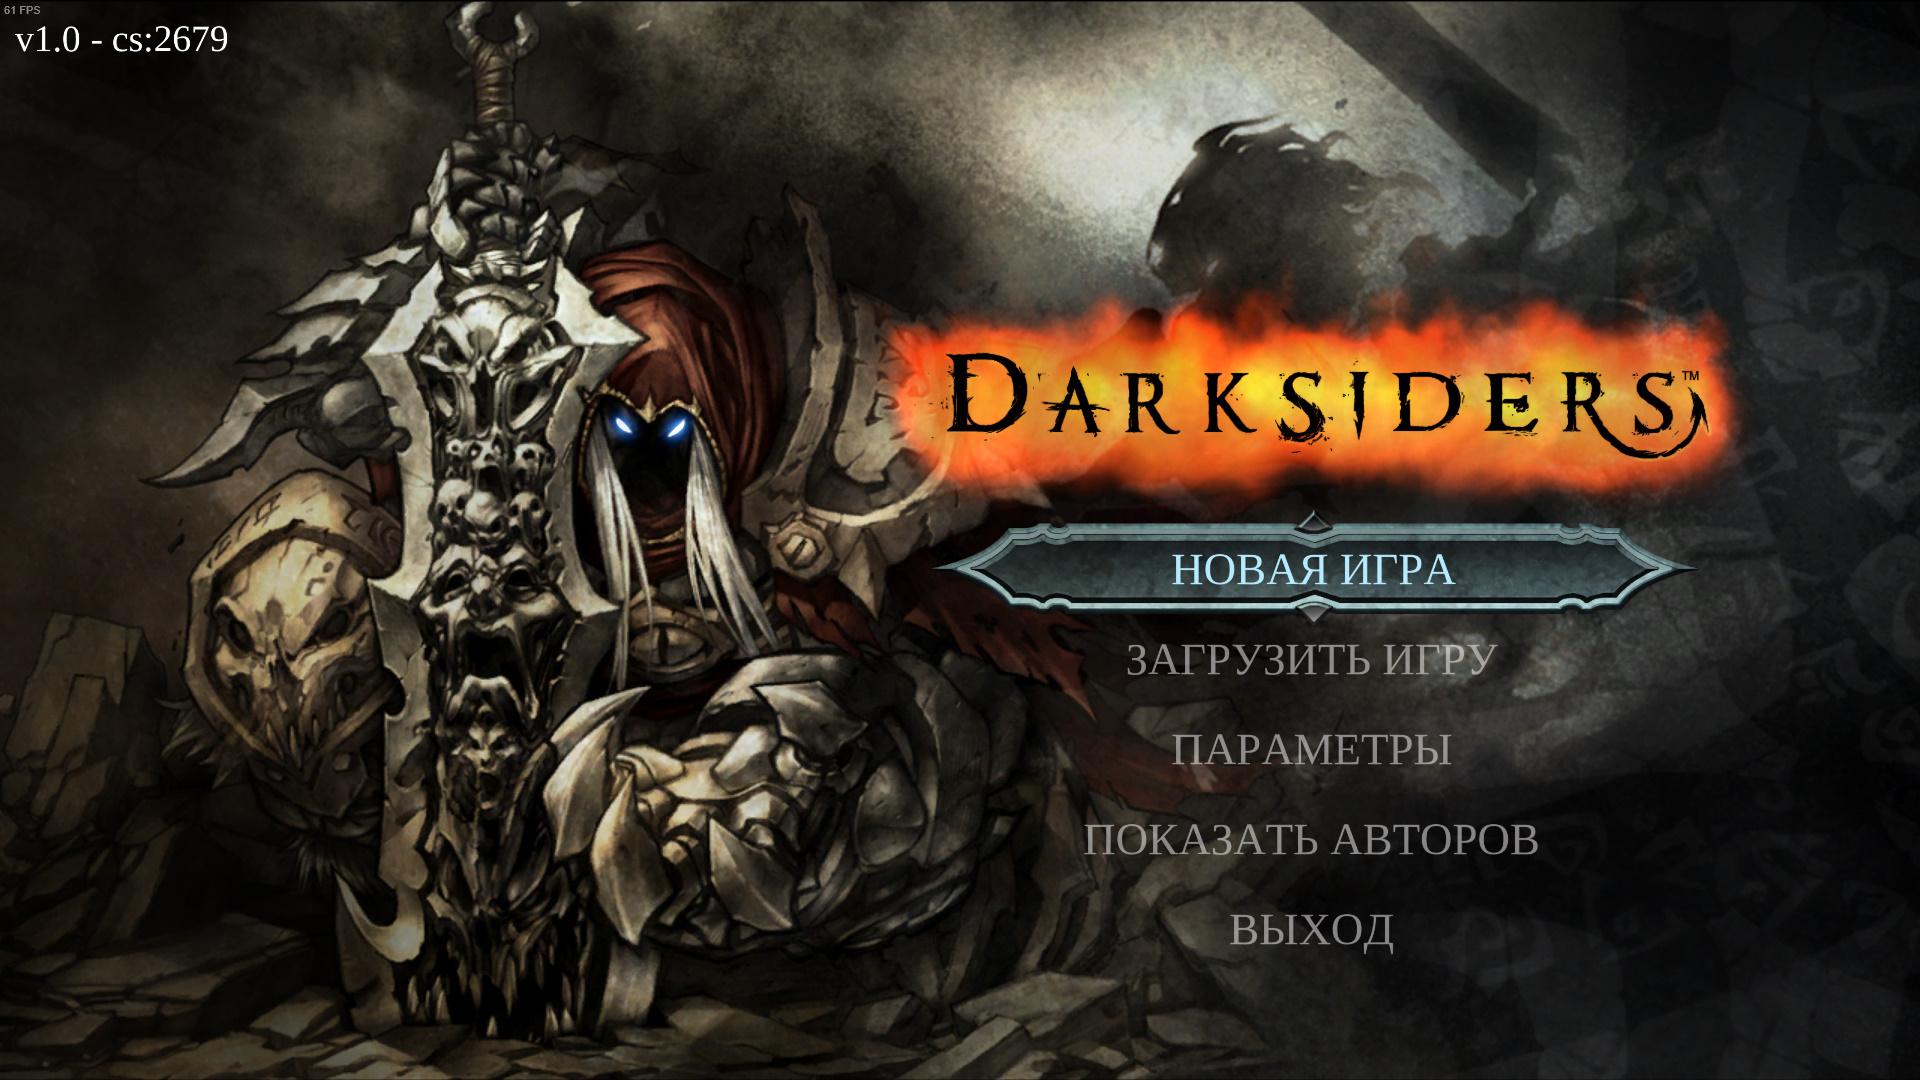 darksiders1 2019-07-06 23-29-11-020.jpg - Darksiders